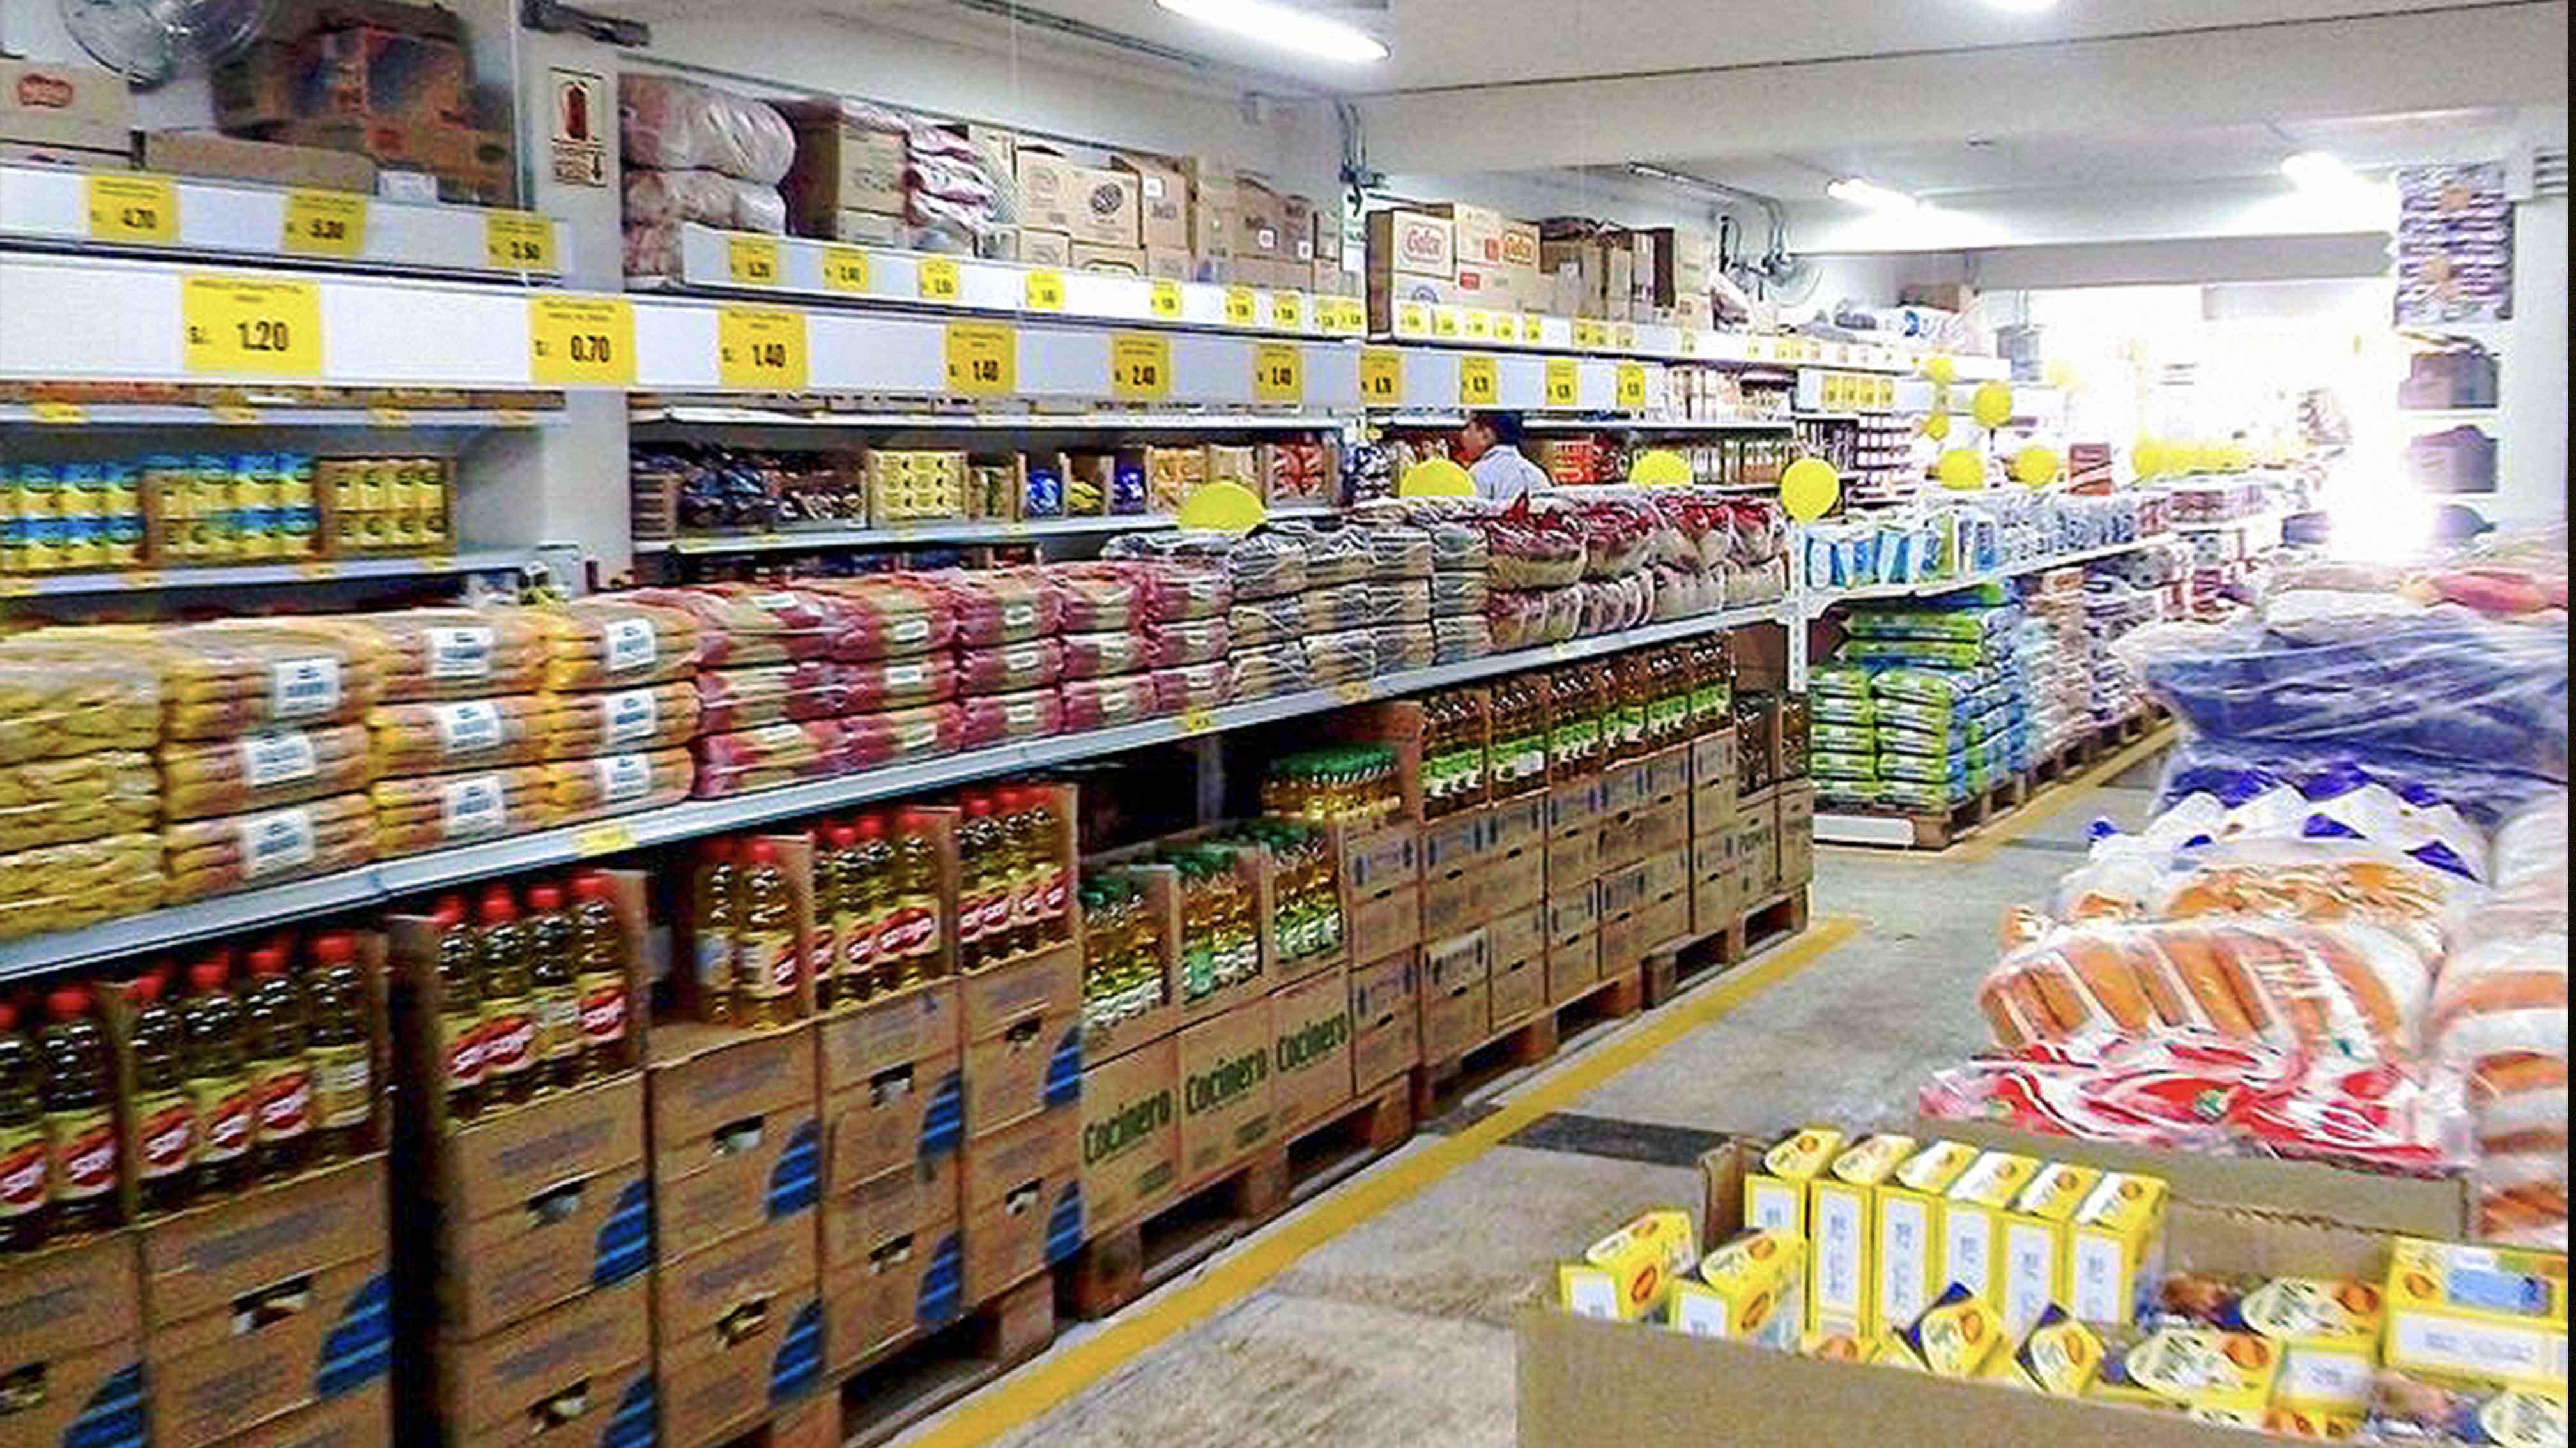 Cadenas de supermercados crecerán por formatos pequeños y comercio electrónico